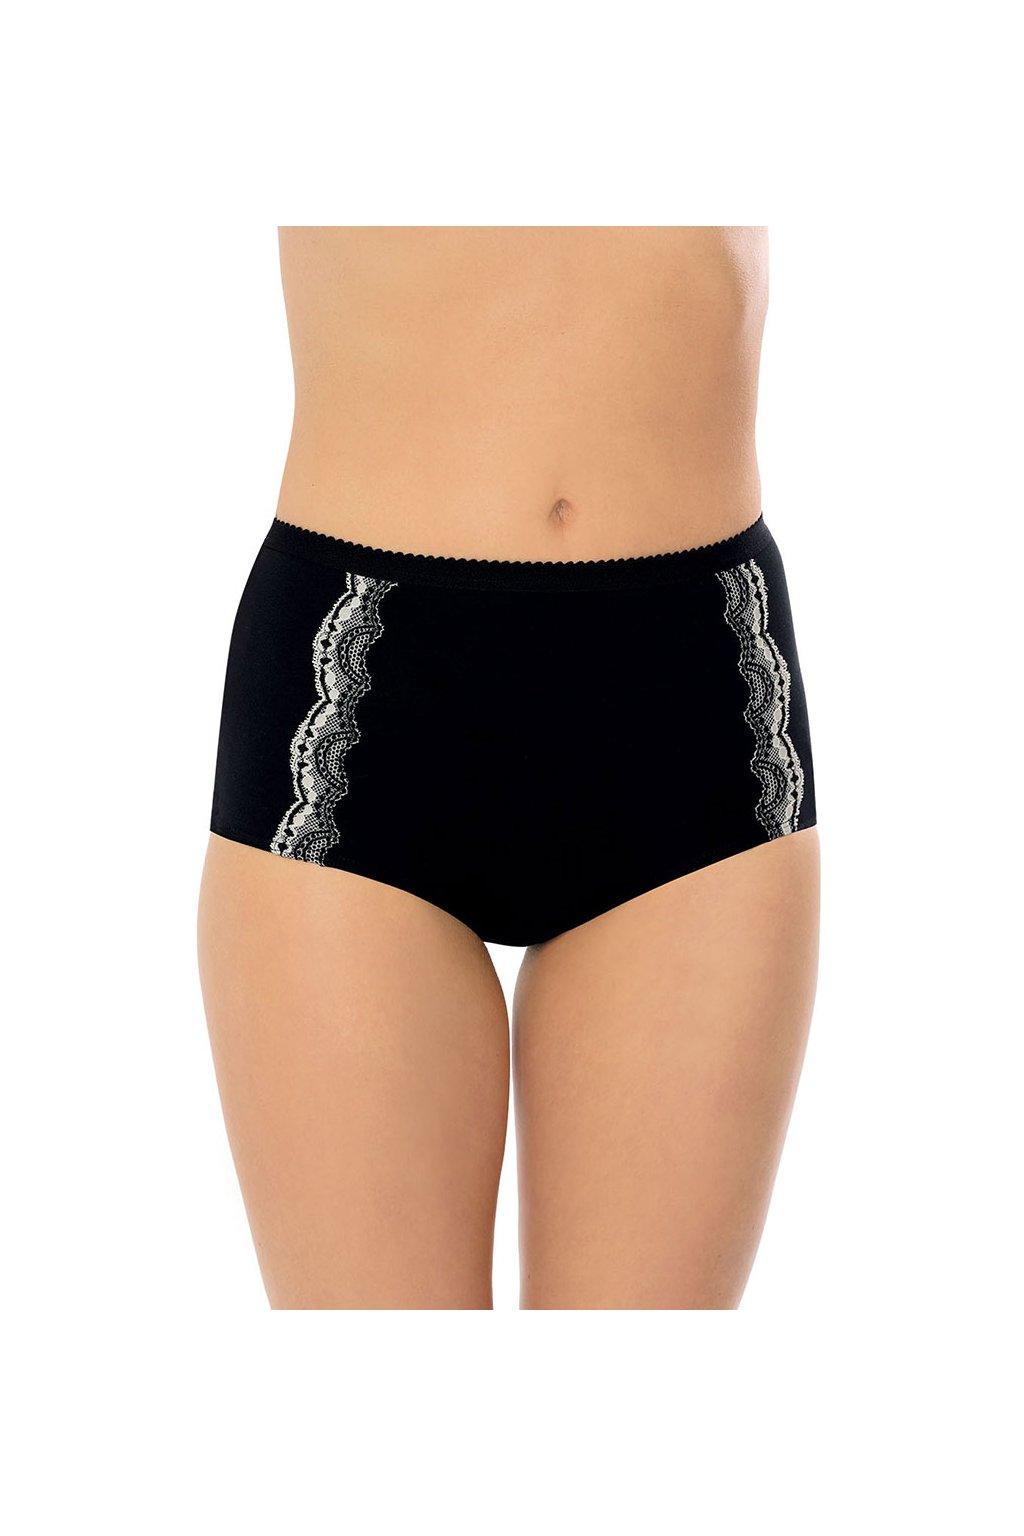 Dámské kalhotky, 100181 29, černá